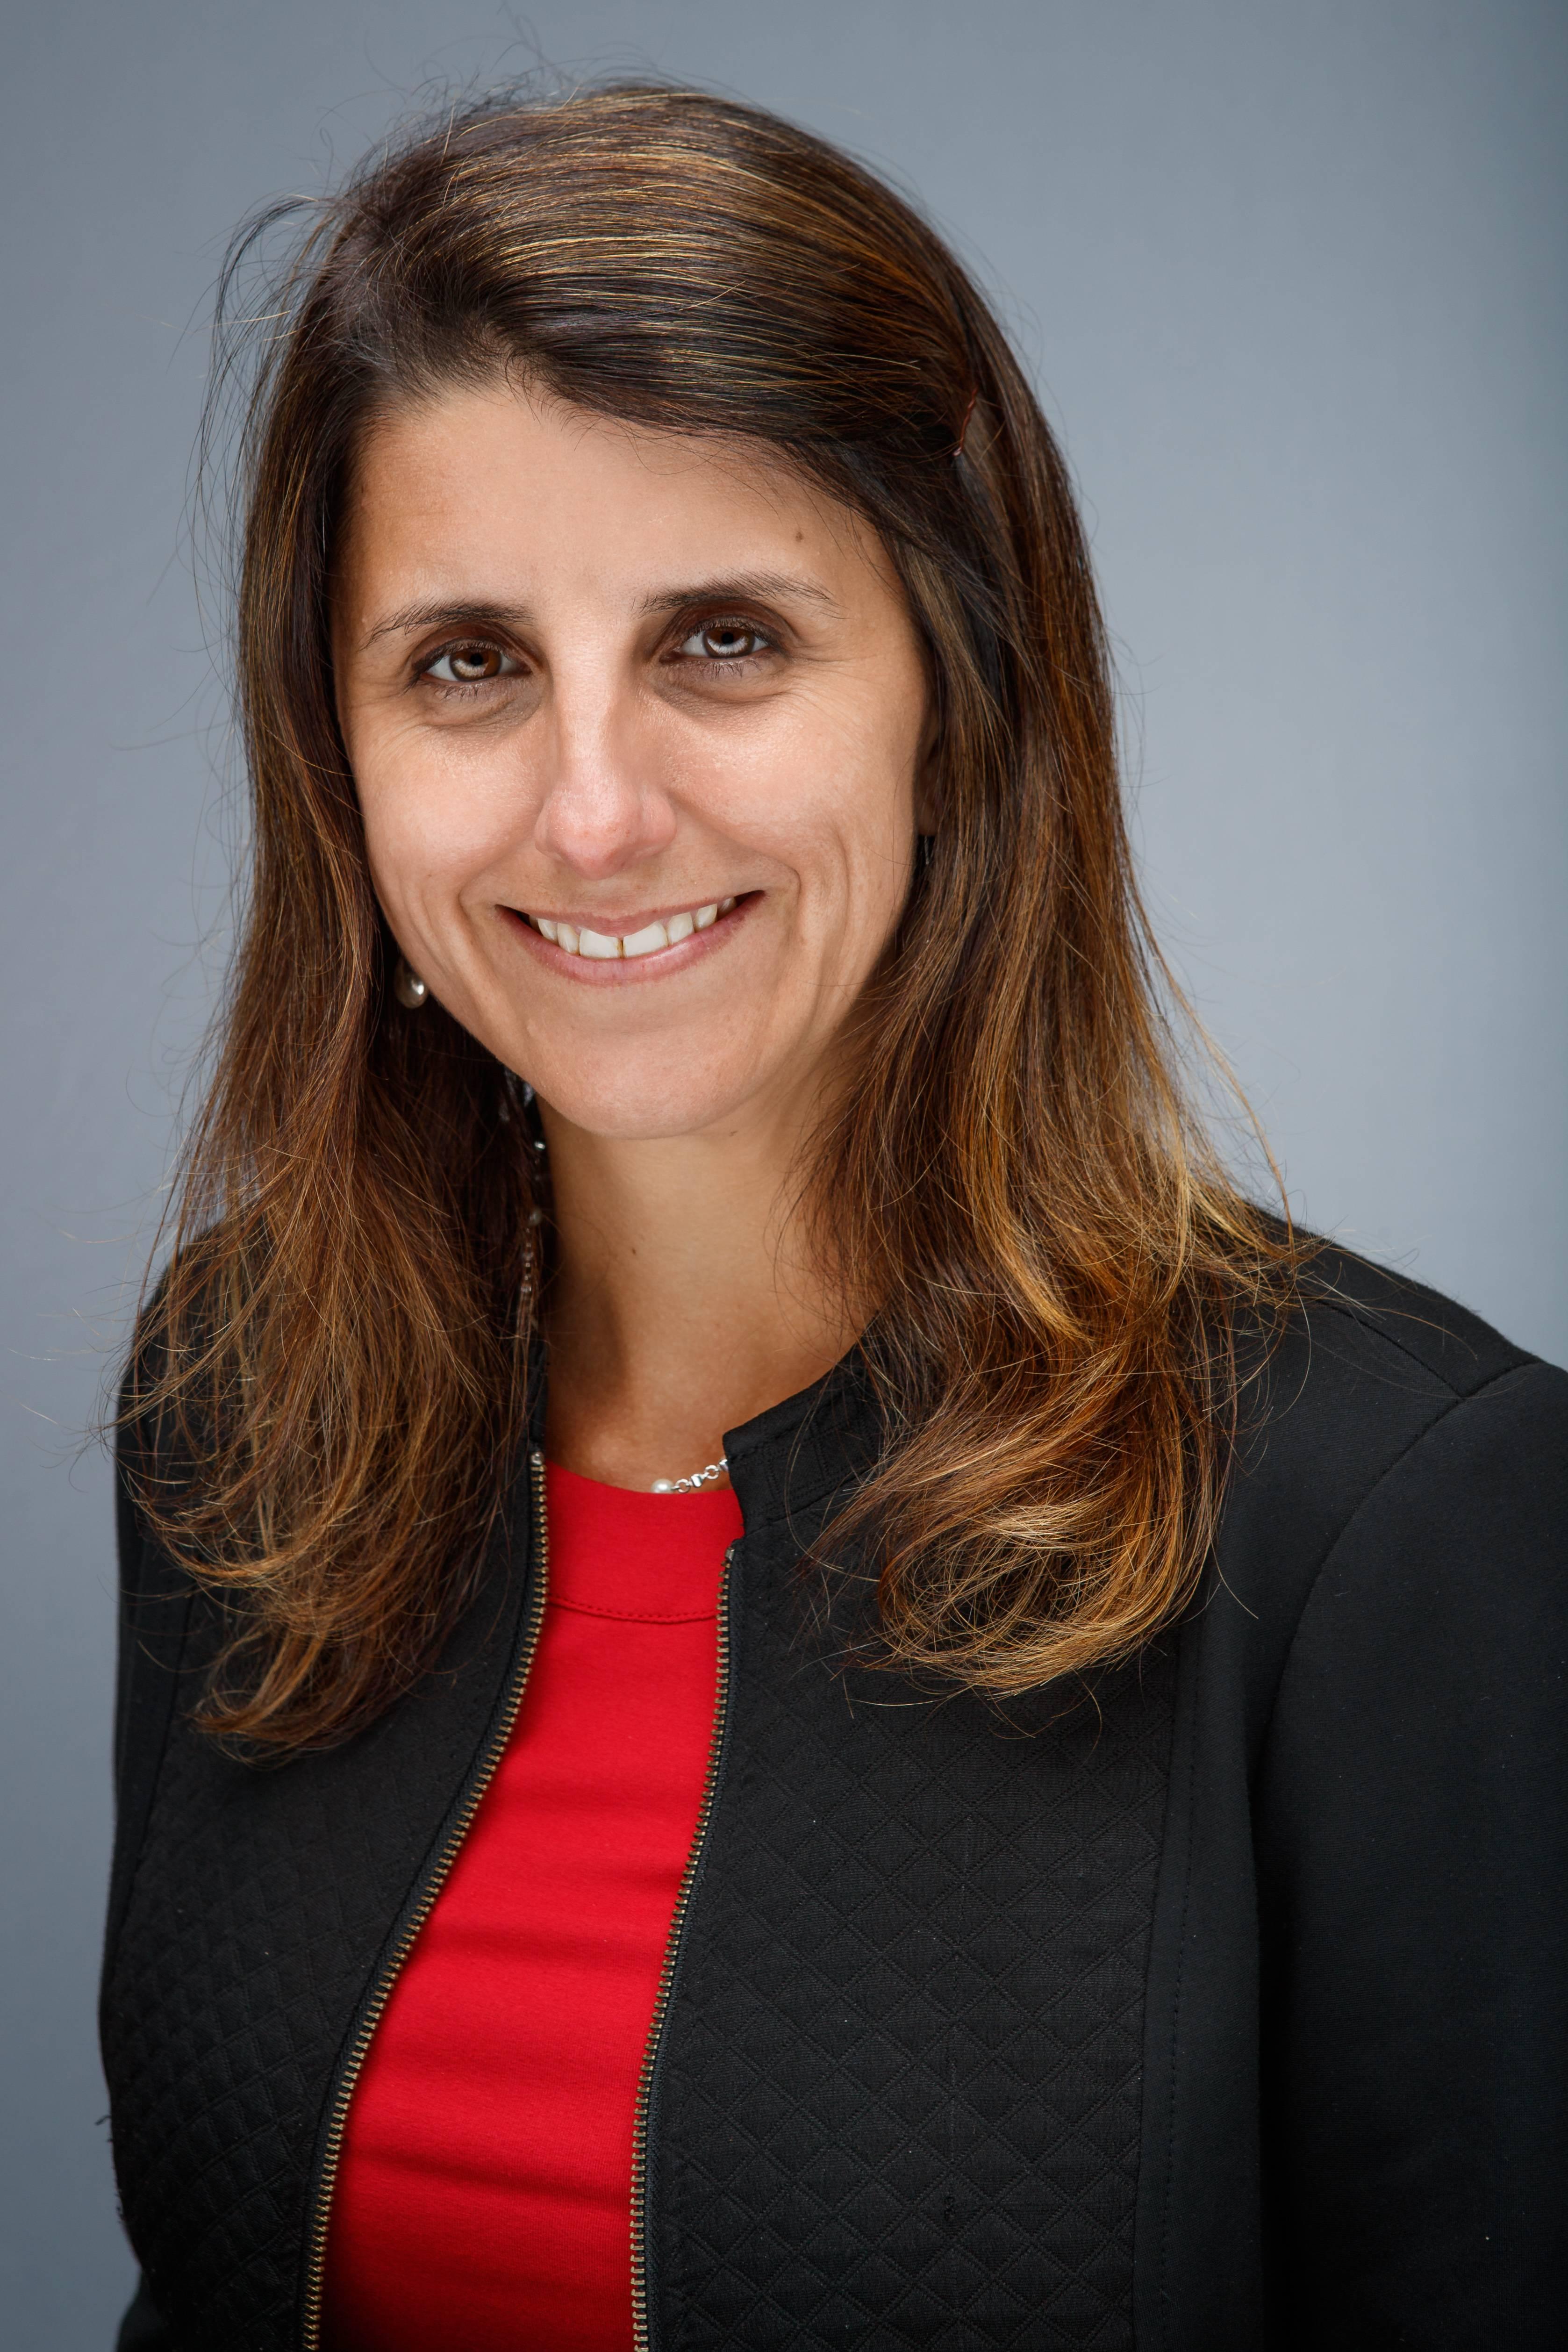 María Celeste Garros